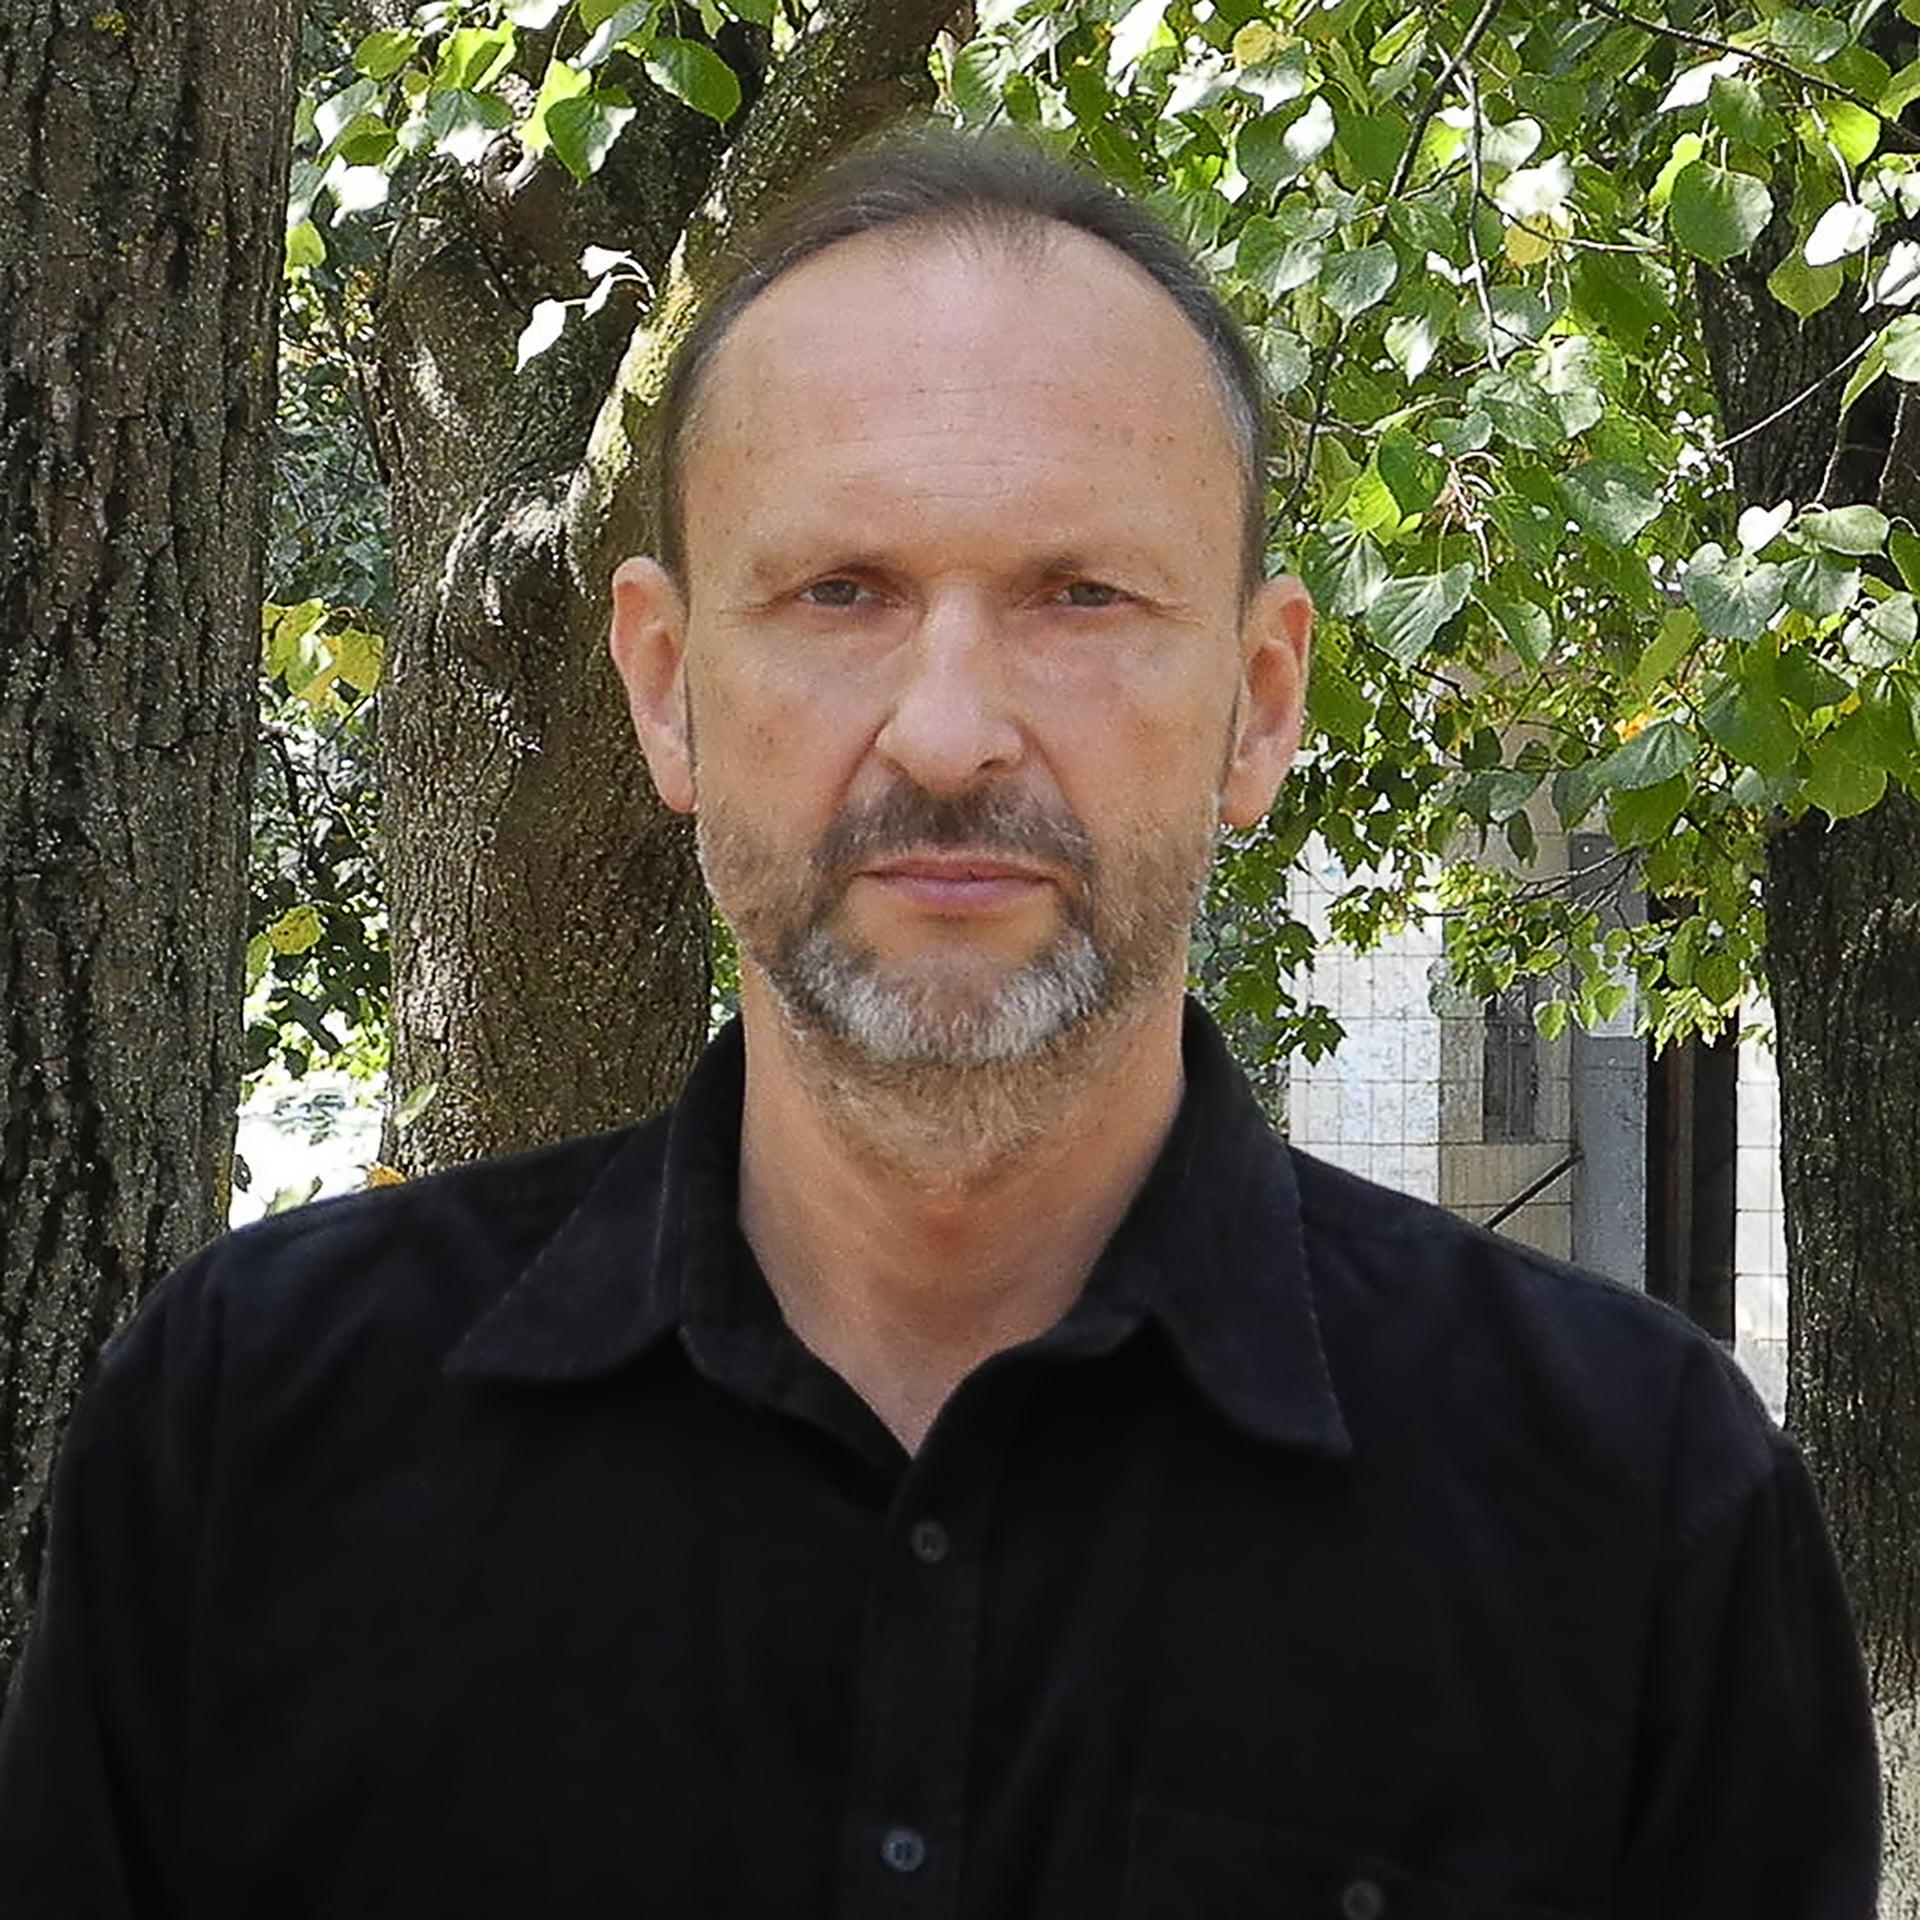 Sergey Malashchuk